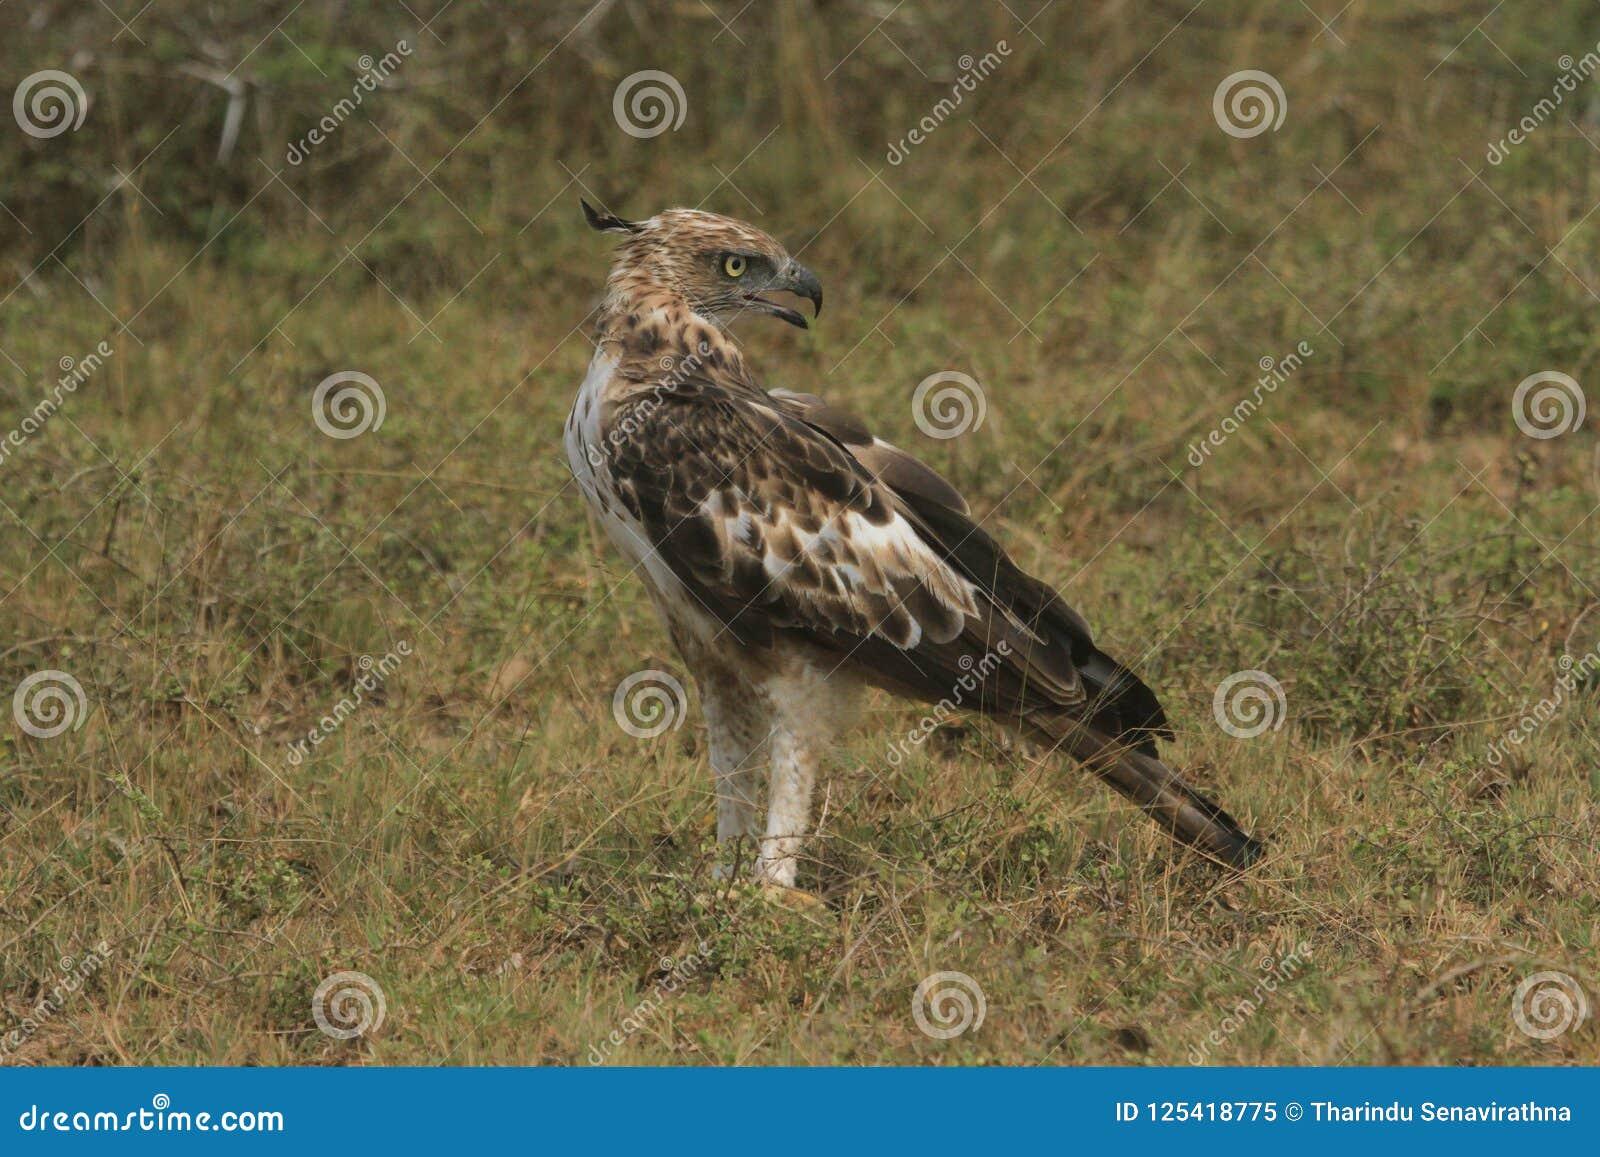 Las distancias largas, sostenido observan, la blanco de la imagen, Hawk Eagle con cresta, cresta vertical larga, se elevan rarame